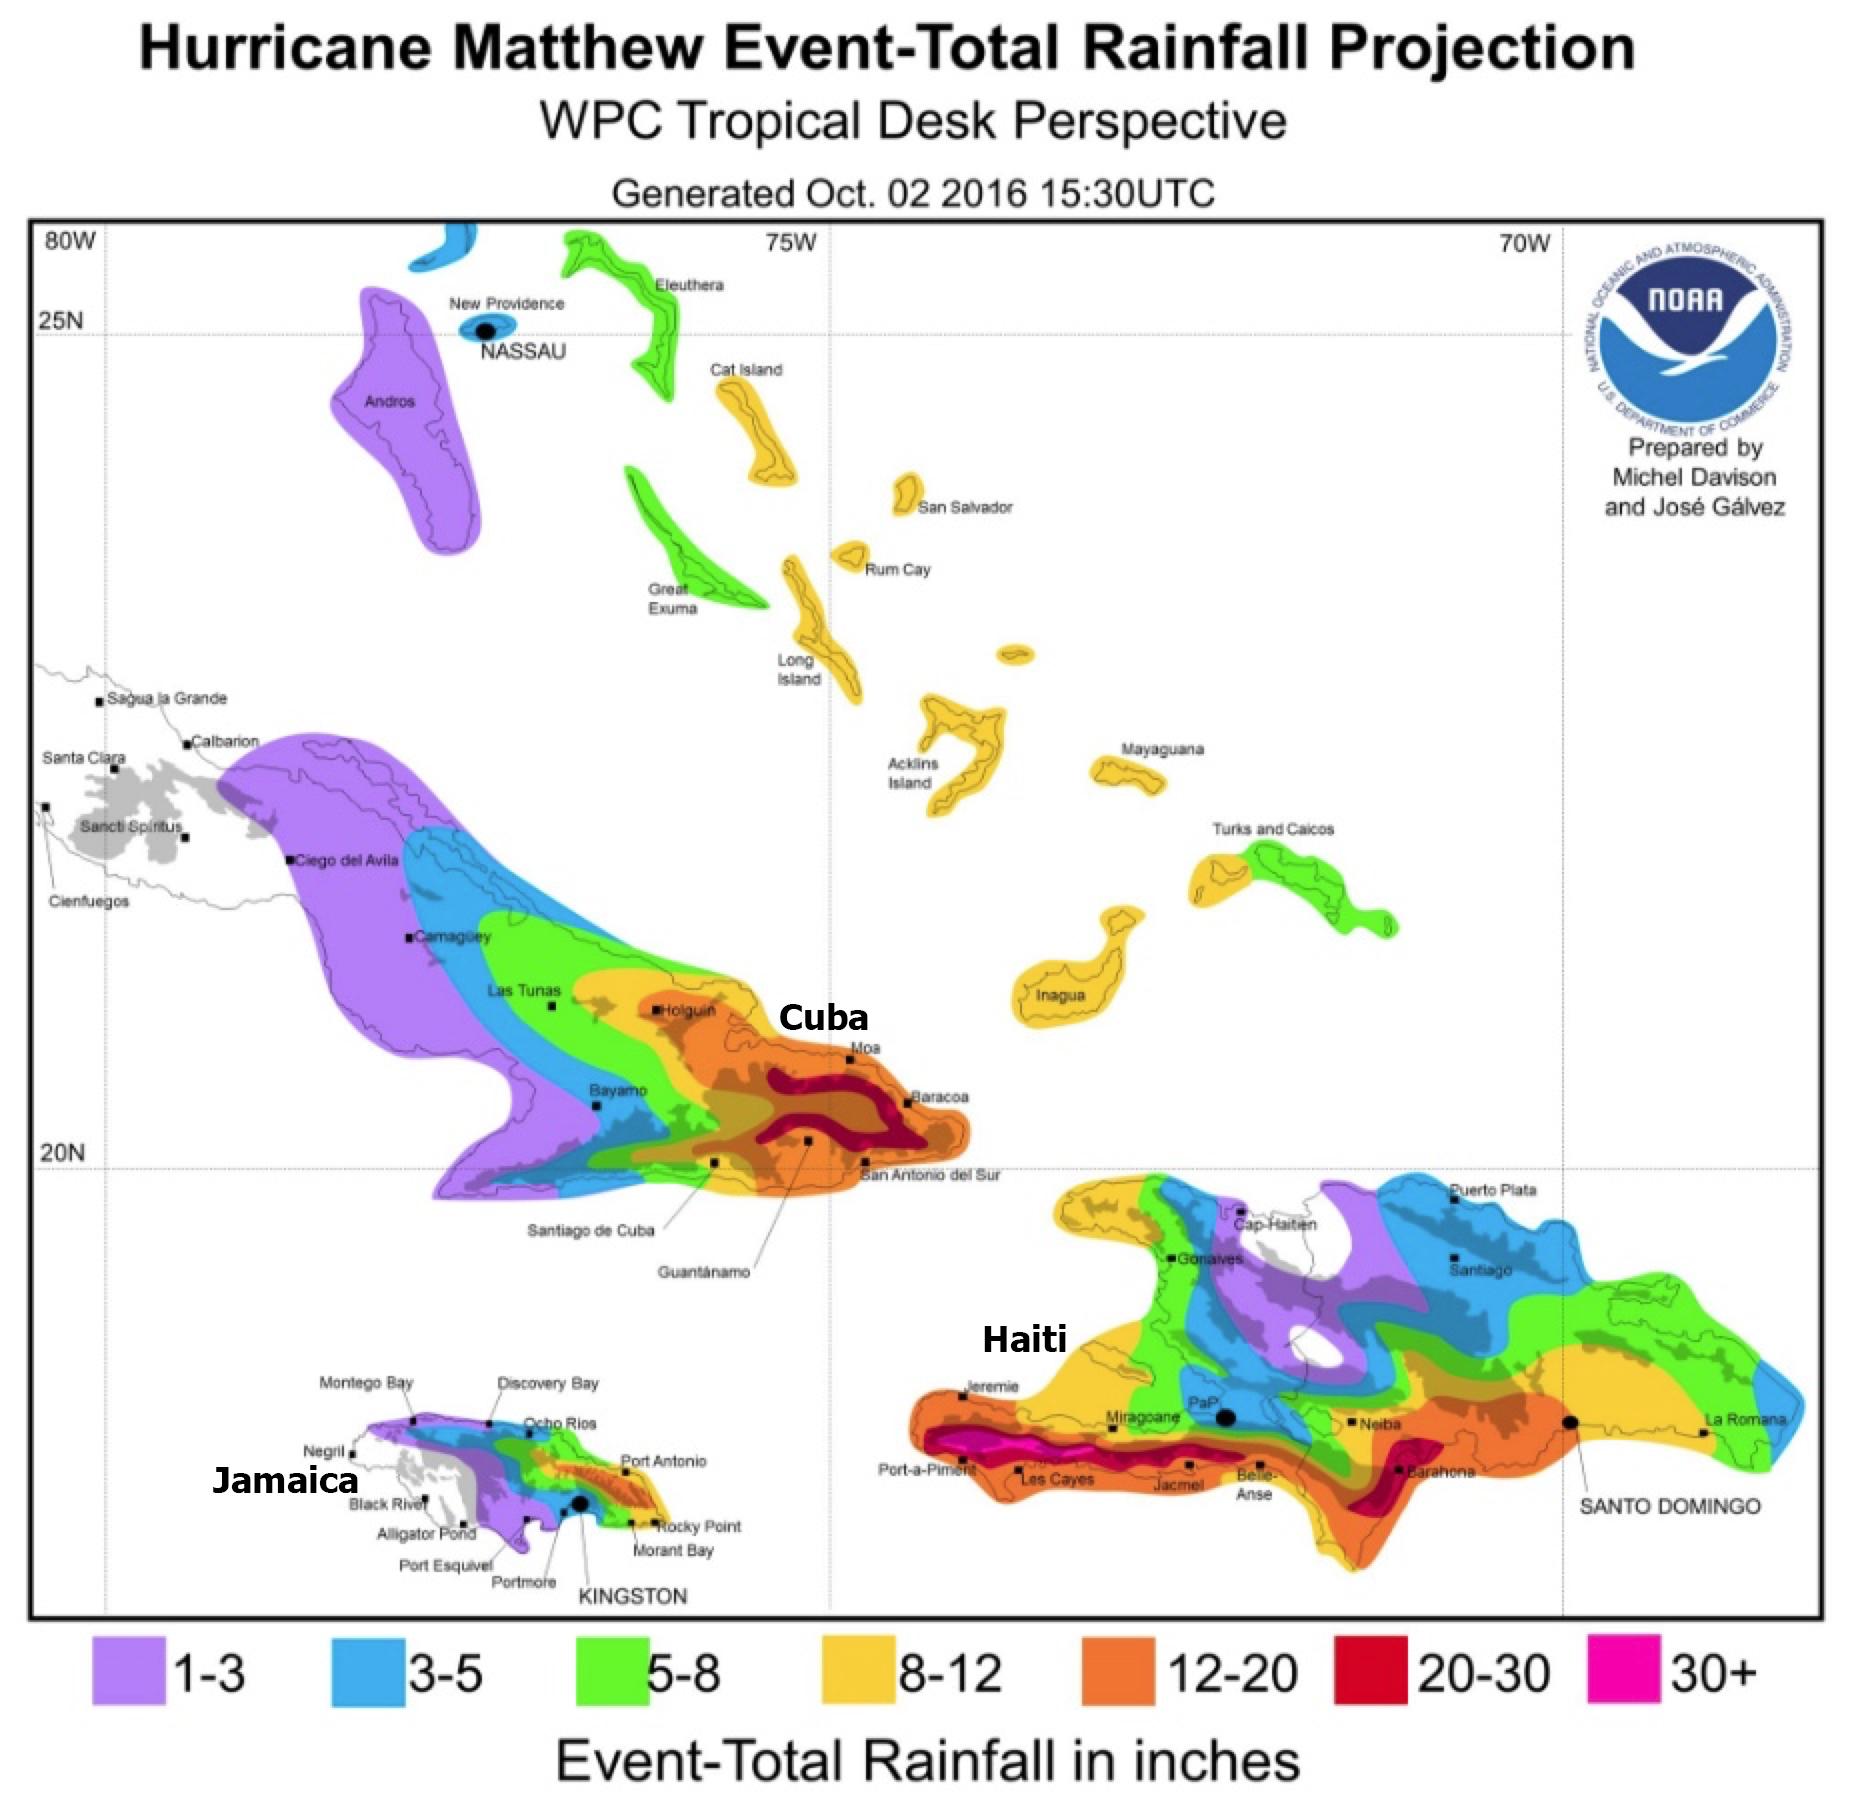 Haiti in Extreme Danger from Hurricane Matthew